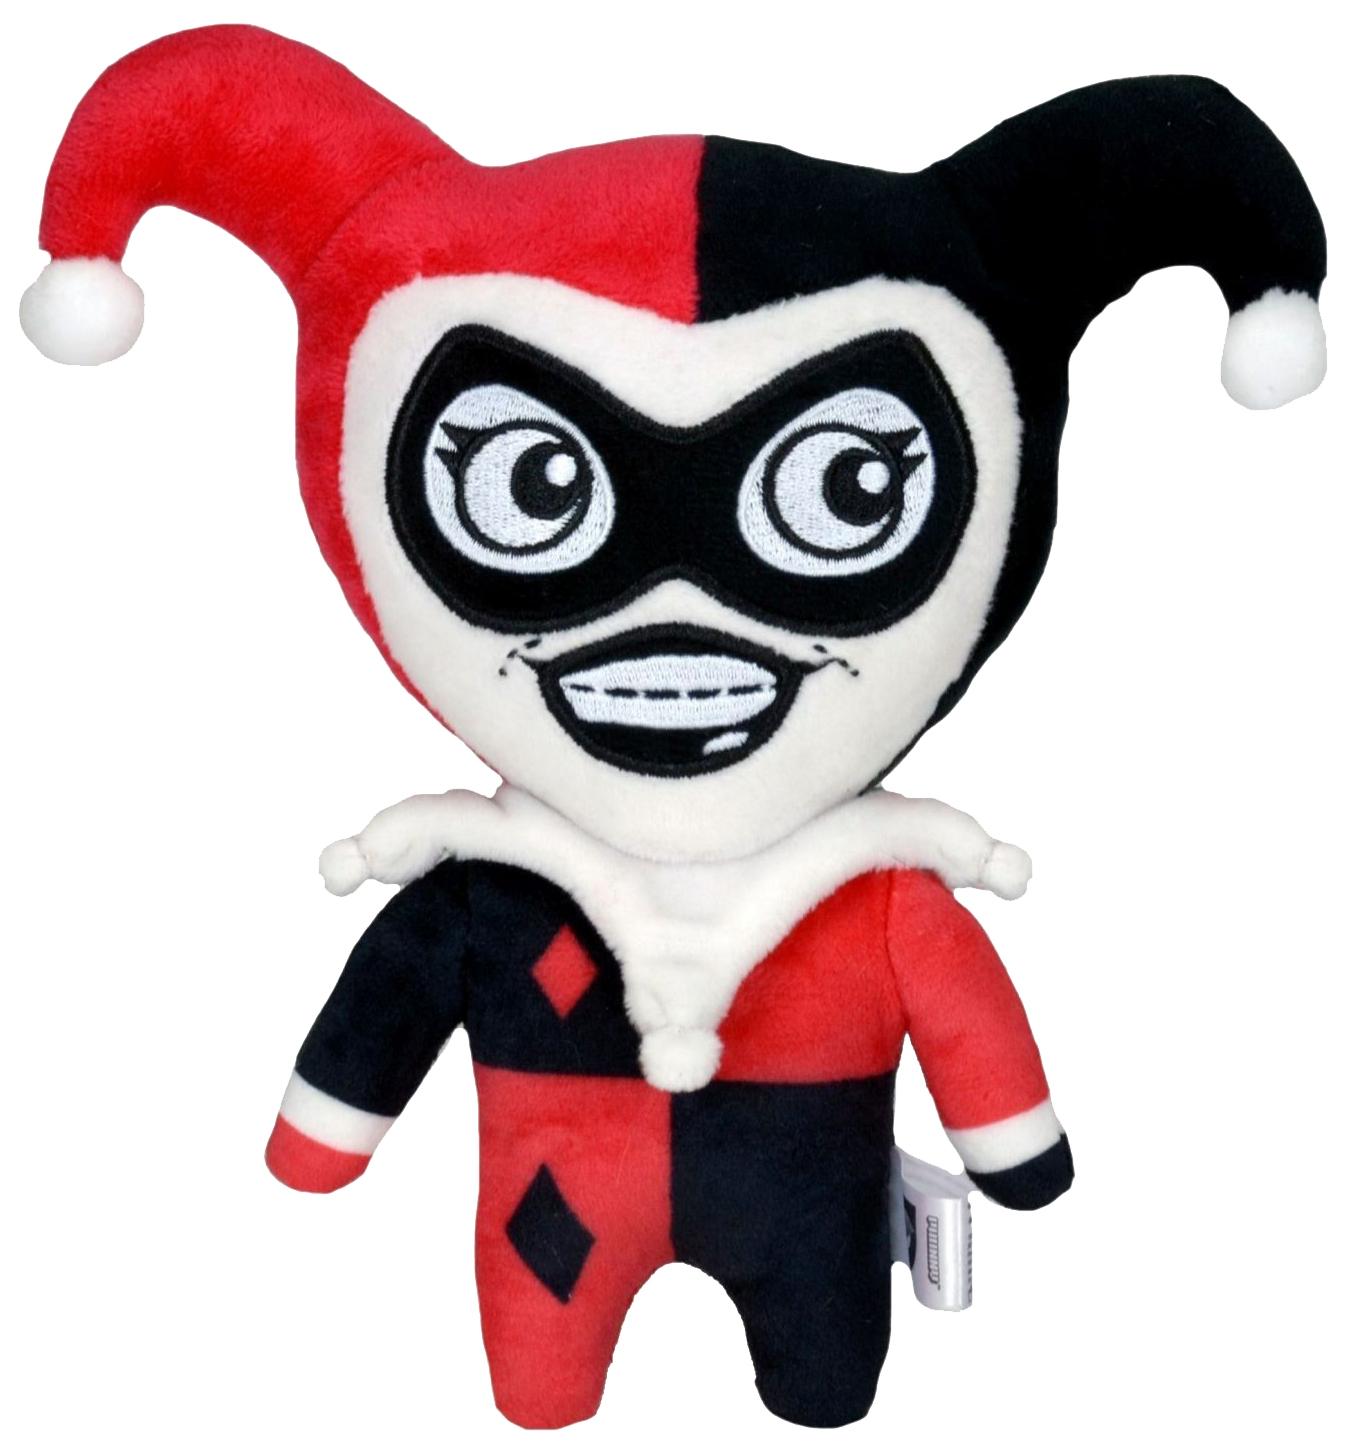 Купить Мягкая игрушка персонажи Kidrobot DC Comics Harley Quinn 20 см,